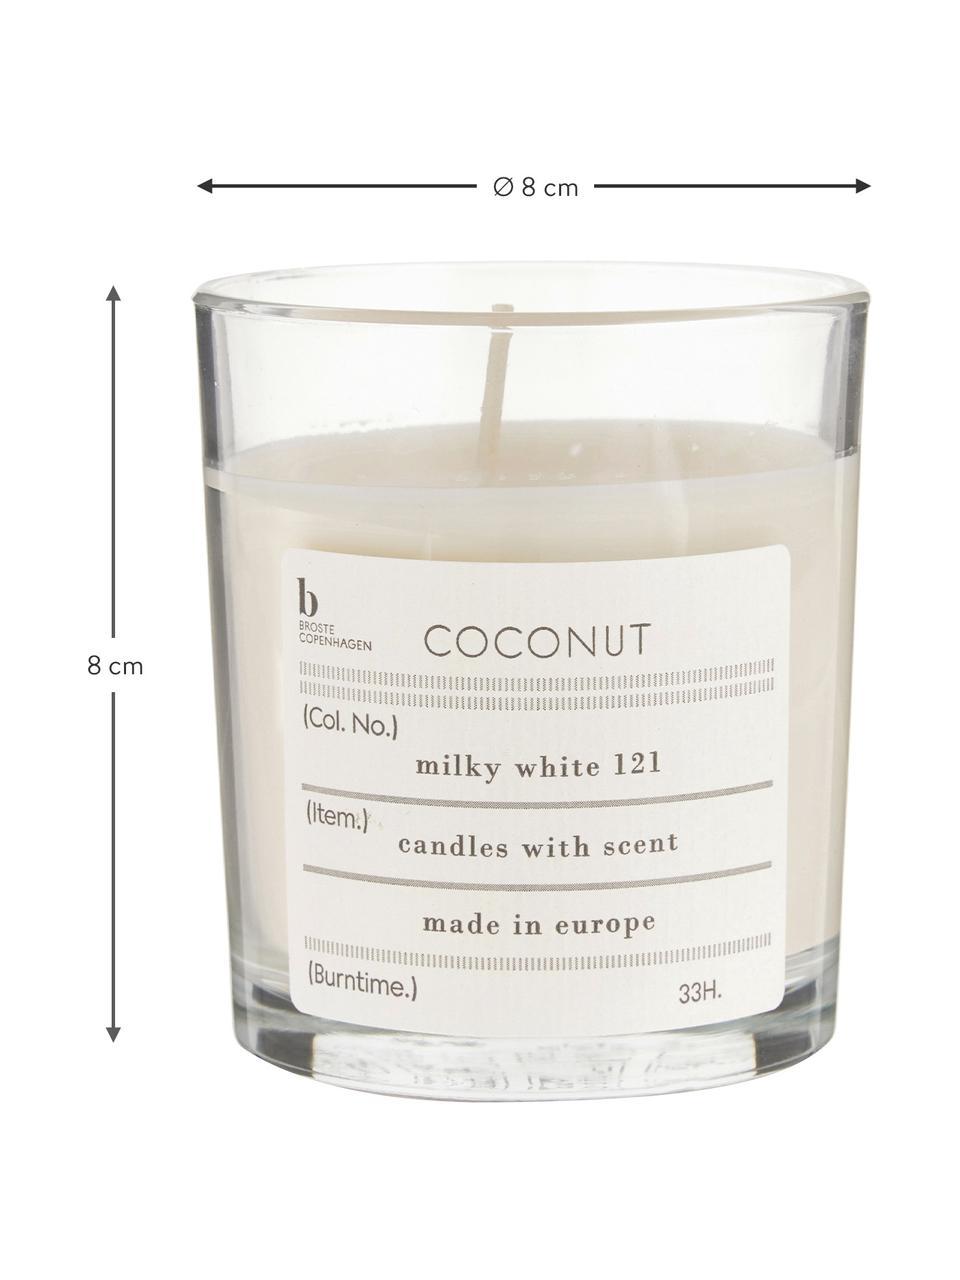 Geurkaars Bliss (kokosnoot), Natuurlijke sojawas, glas, Kokosnoot, Ø 8 x H 8 cm